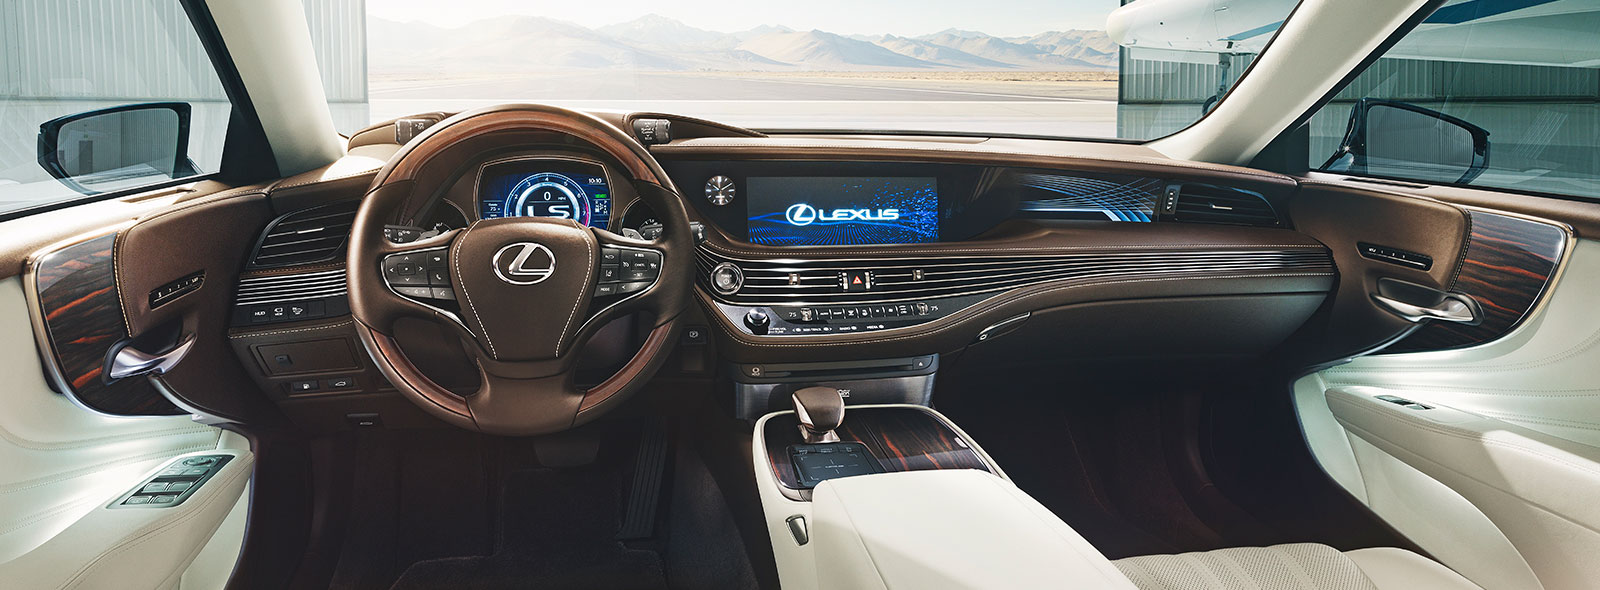 Շքեղ Lexus LS ի ներքին հարարանքը